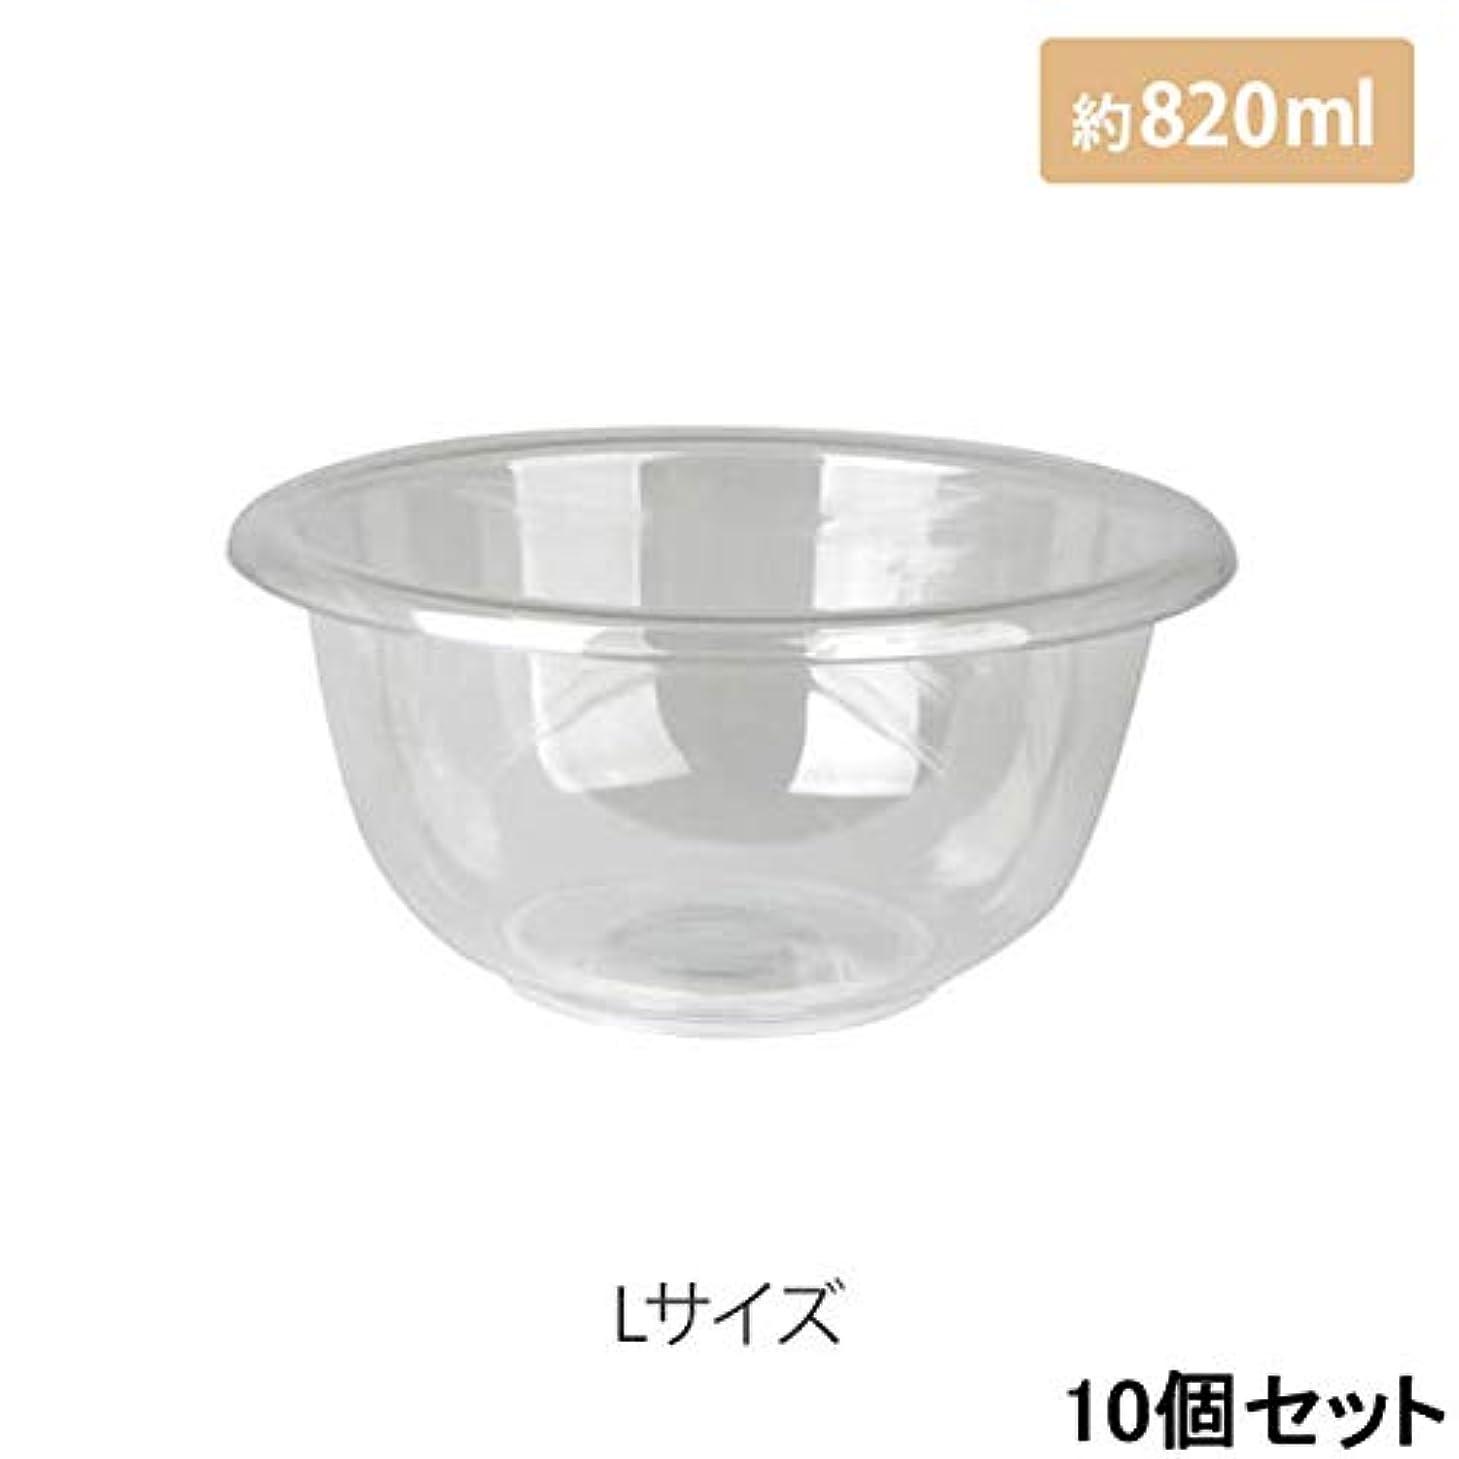 概してグローバル慣れるマイスター プラスティックボウル (Lサイズ) クリア 直径19.5cm (10個セット) [ プラスチックボール カップボウル カップボール エステ サロン プラスチック ボウル カップ 割れない ]